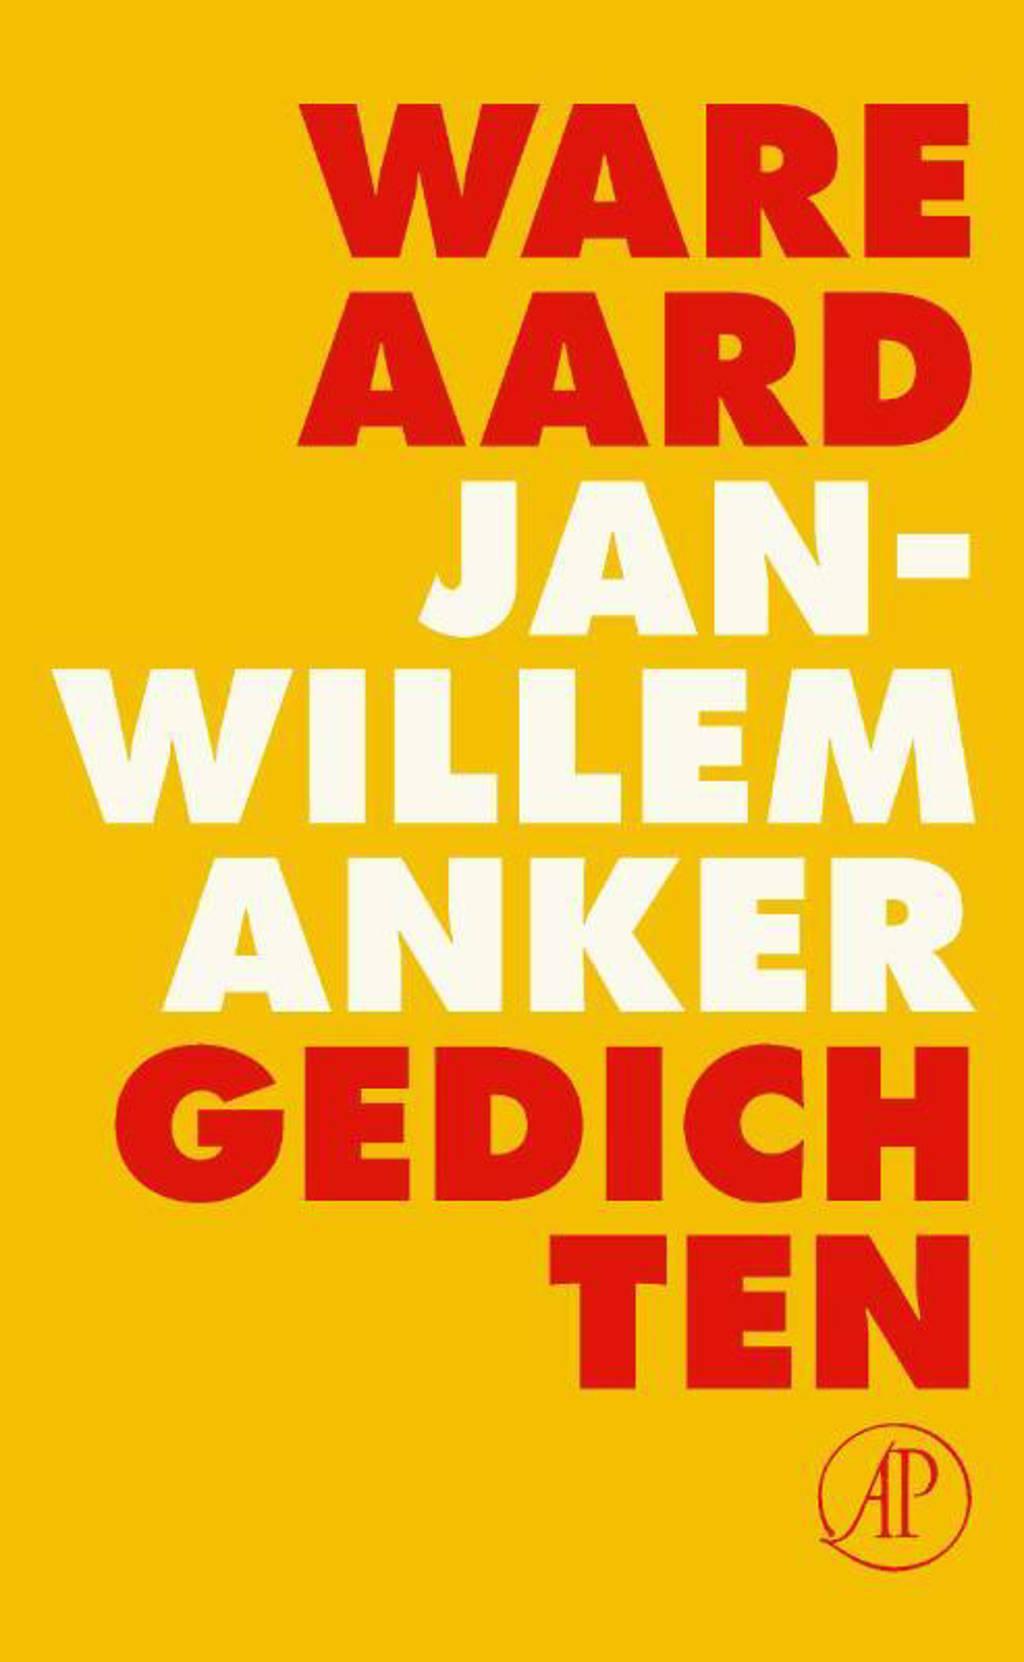 Ware aard - Jan-Willem Anker